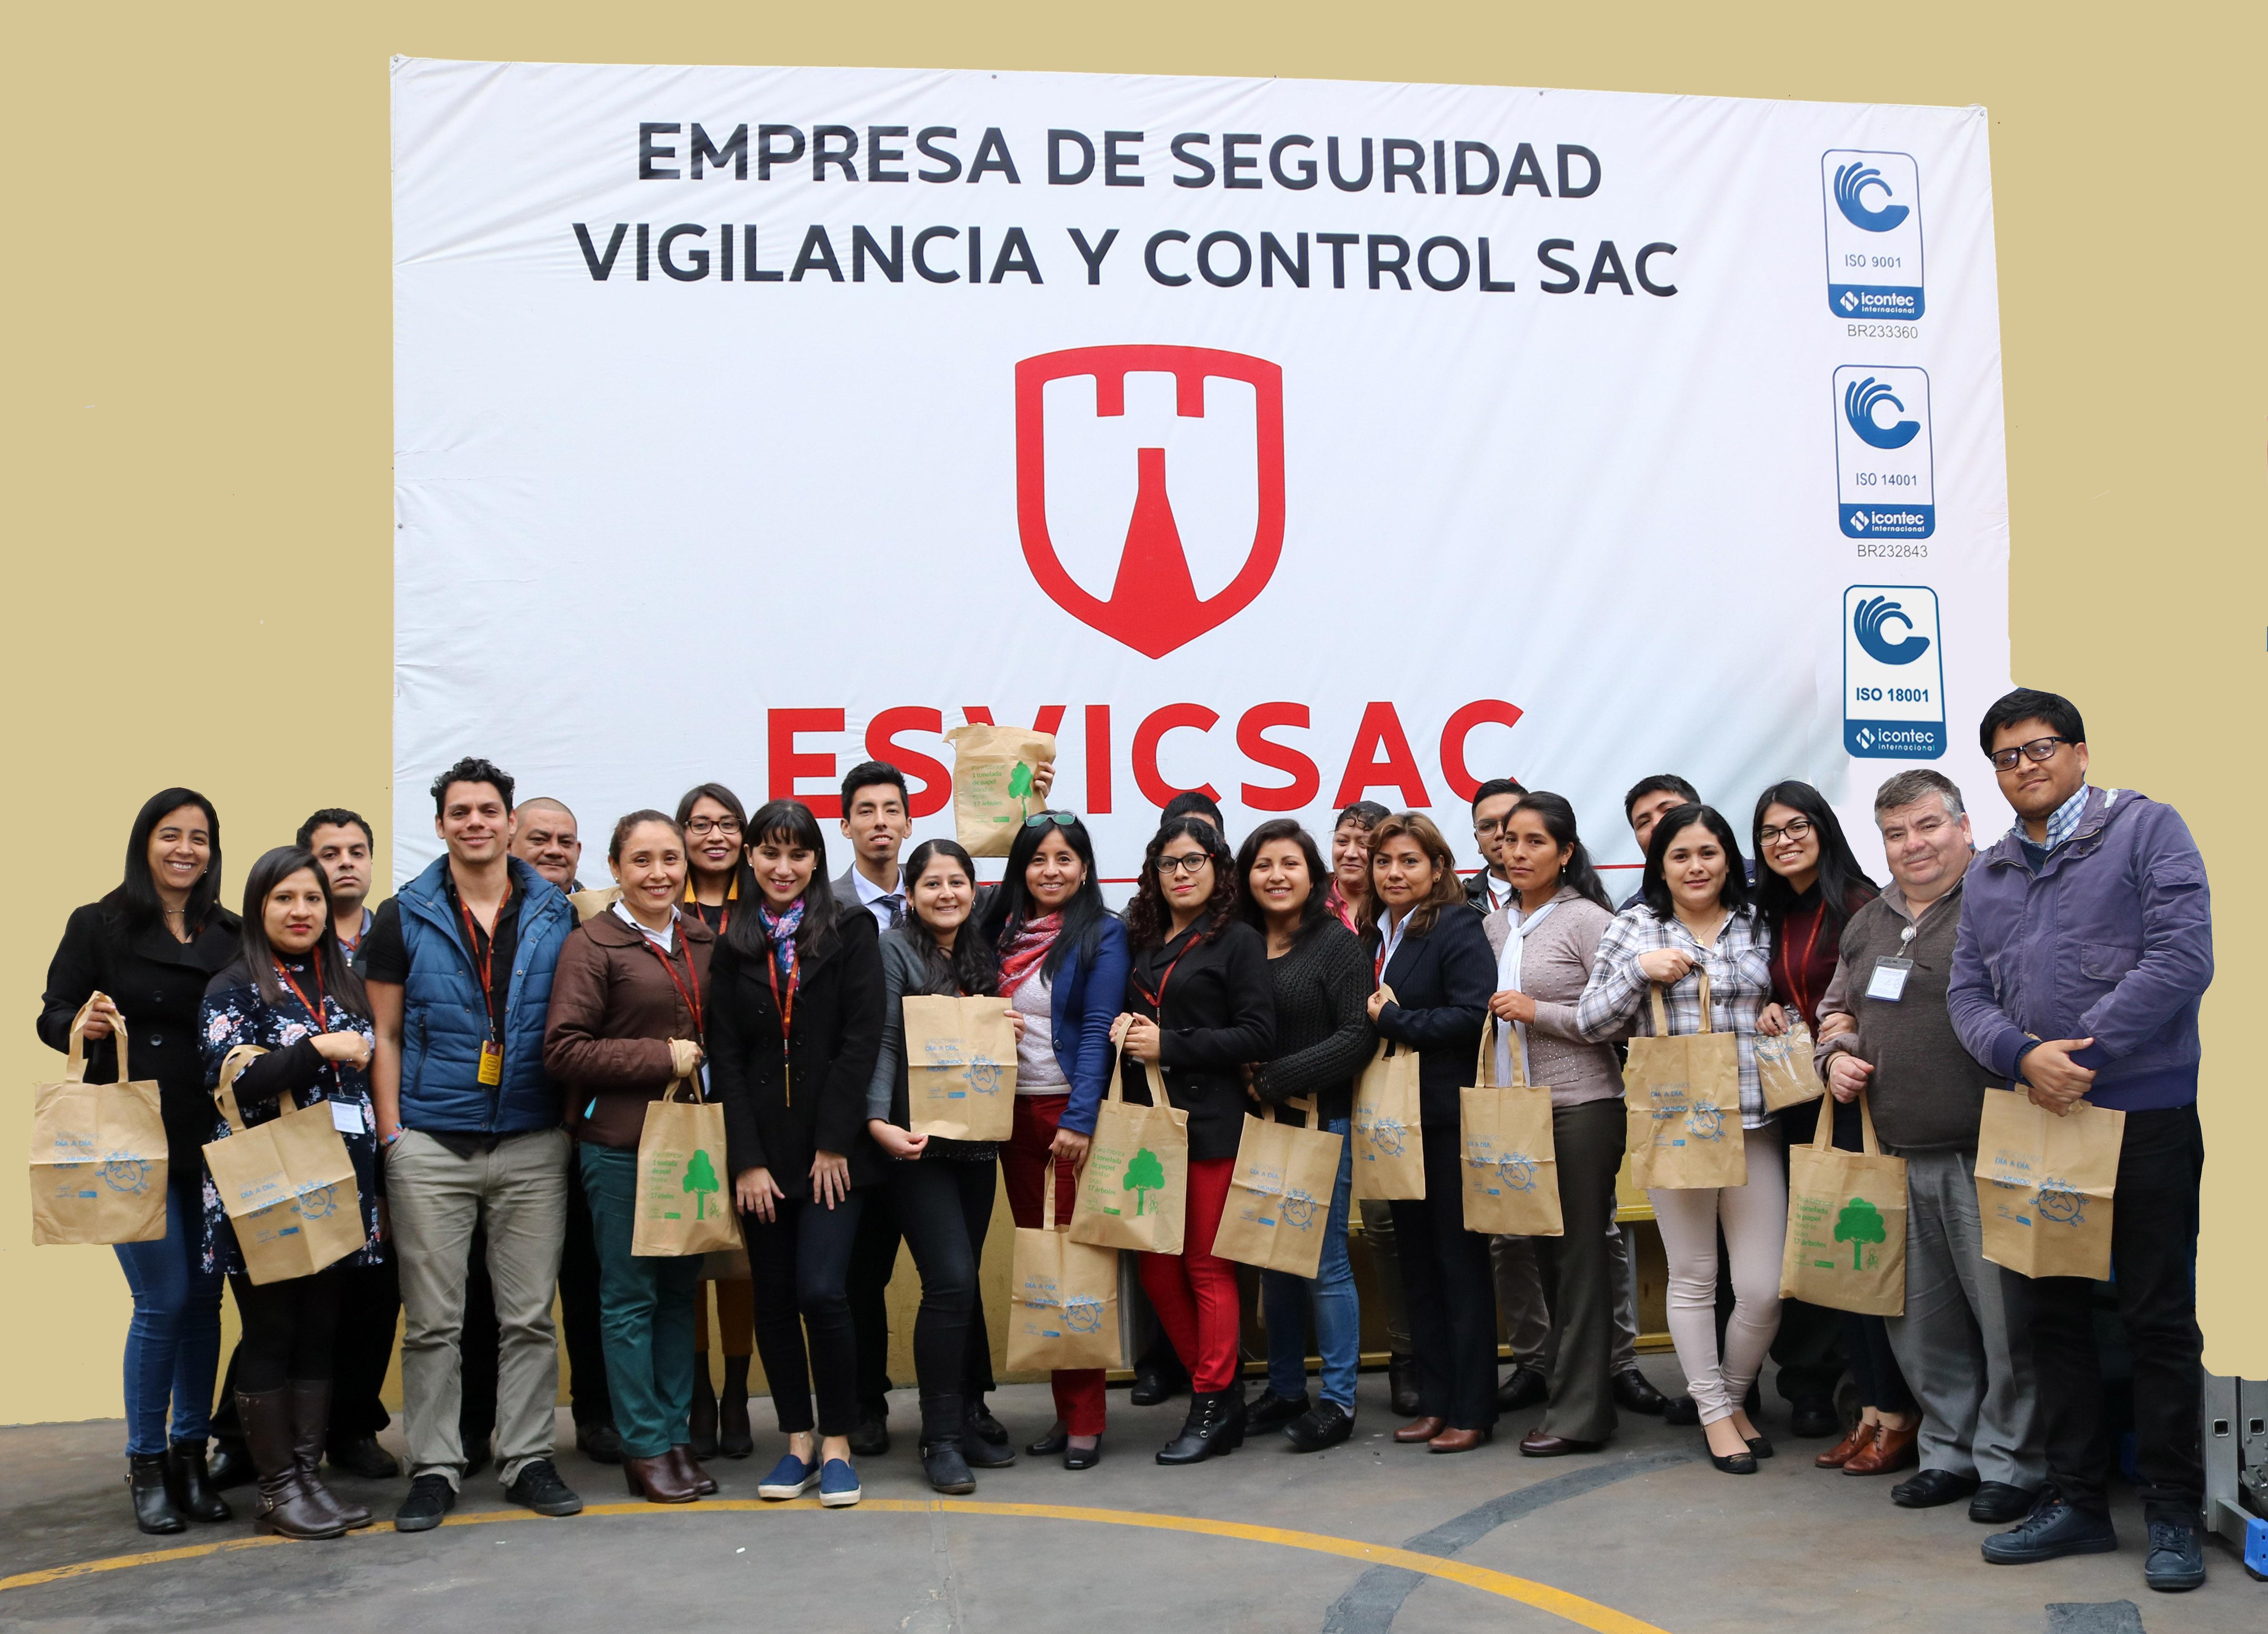 Feliz Da Del Agente ESVICSAC – ESVICSAC